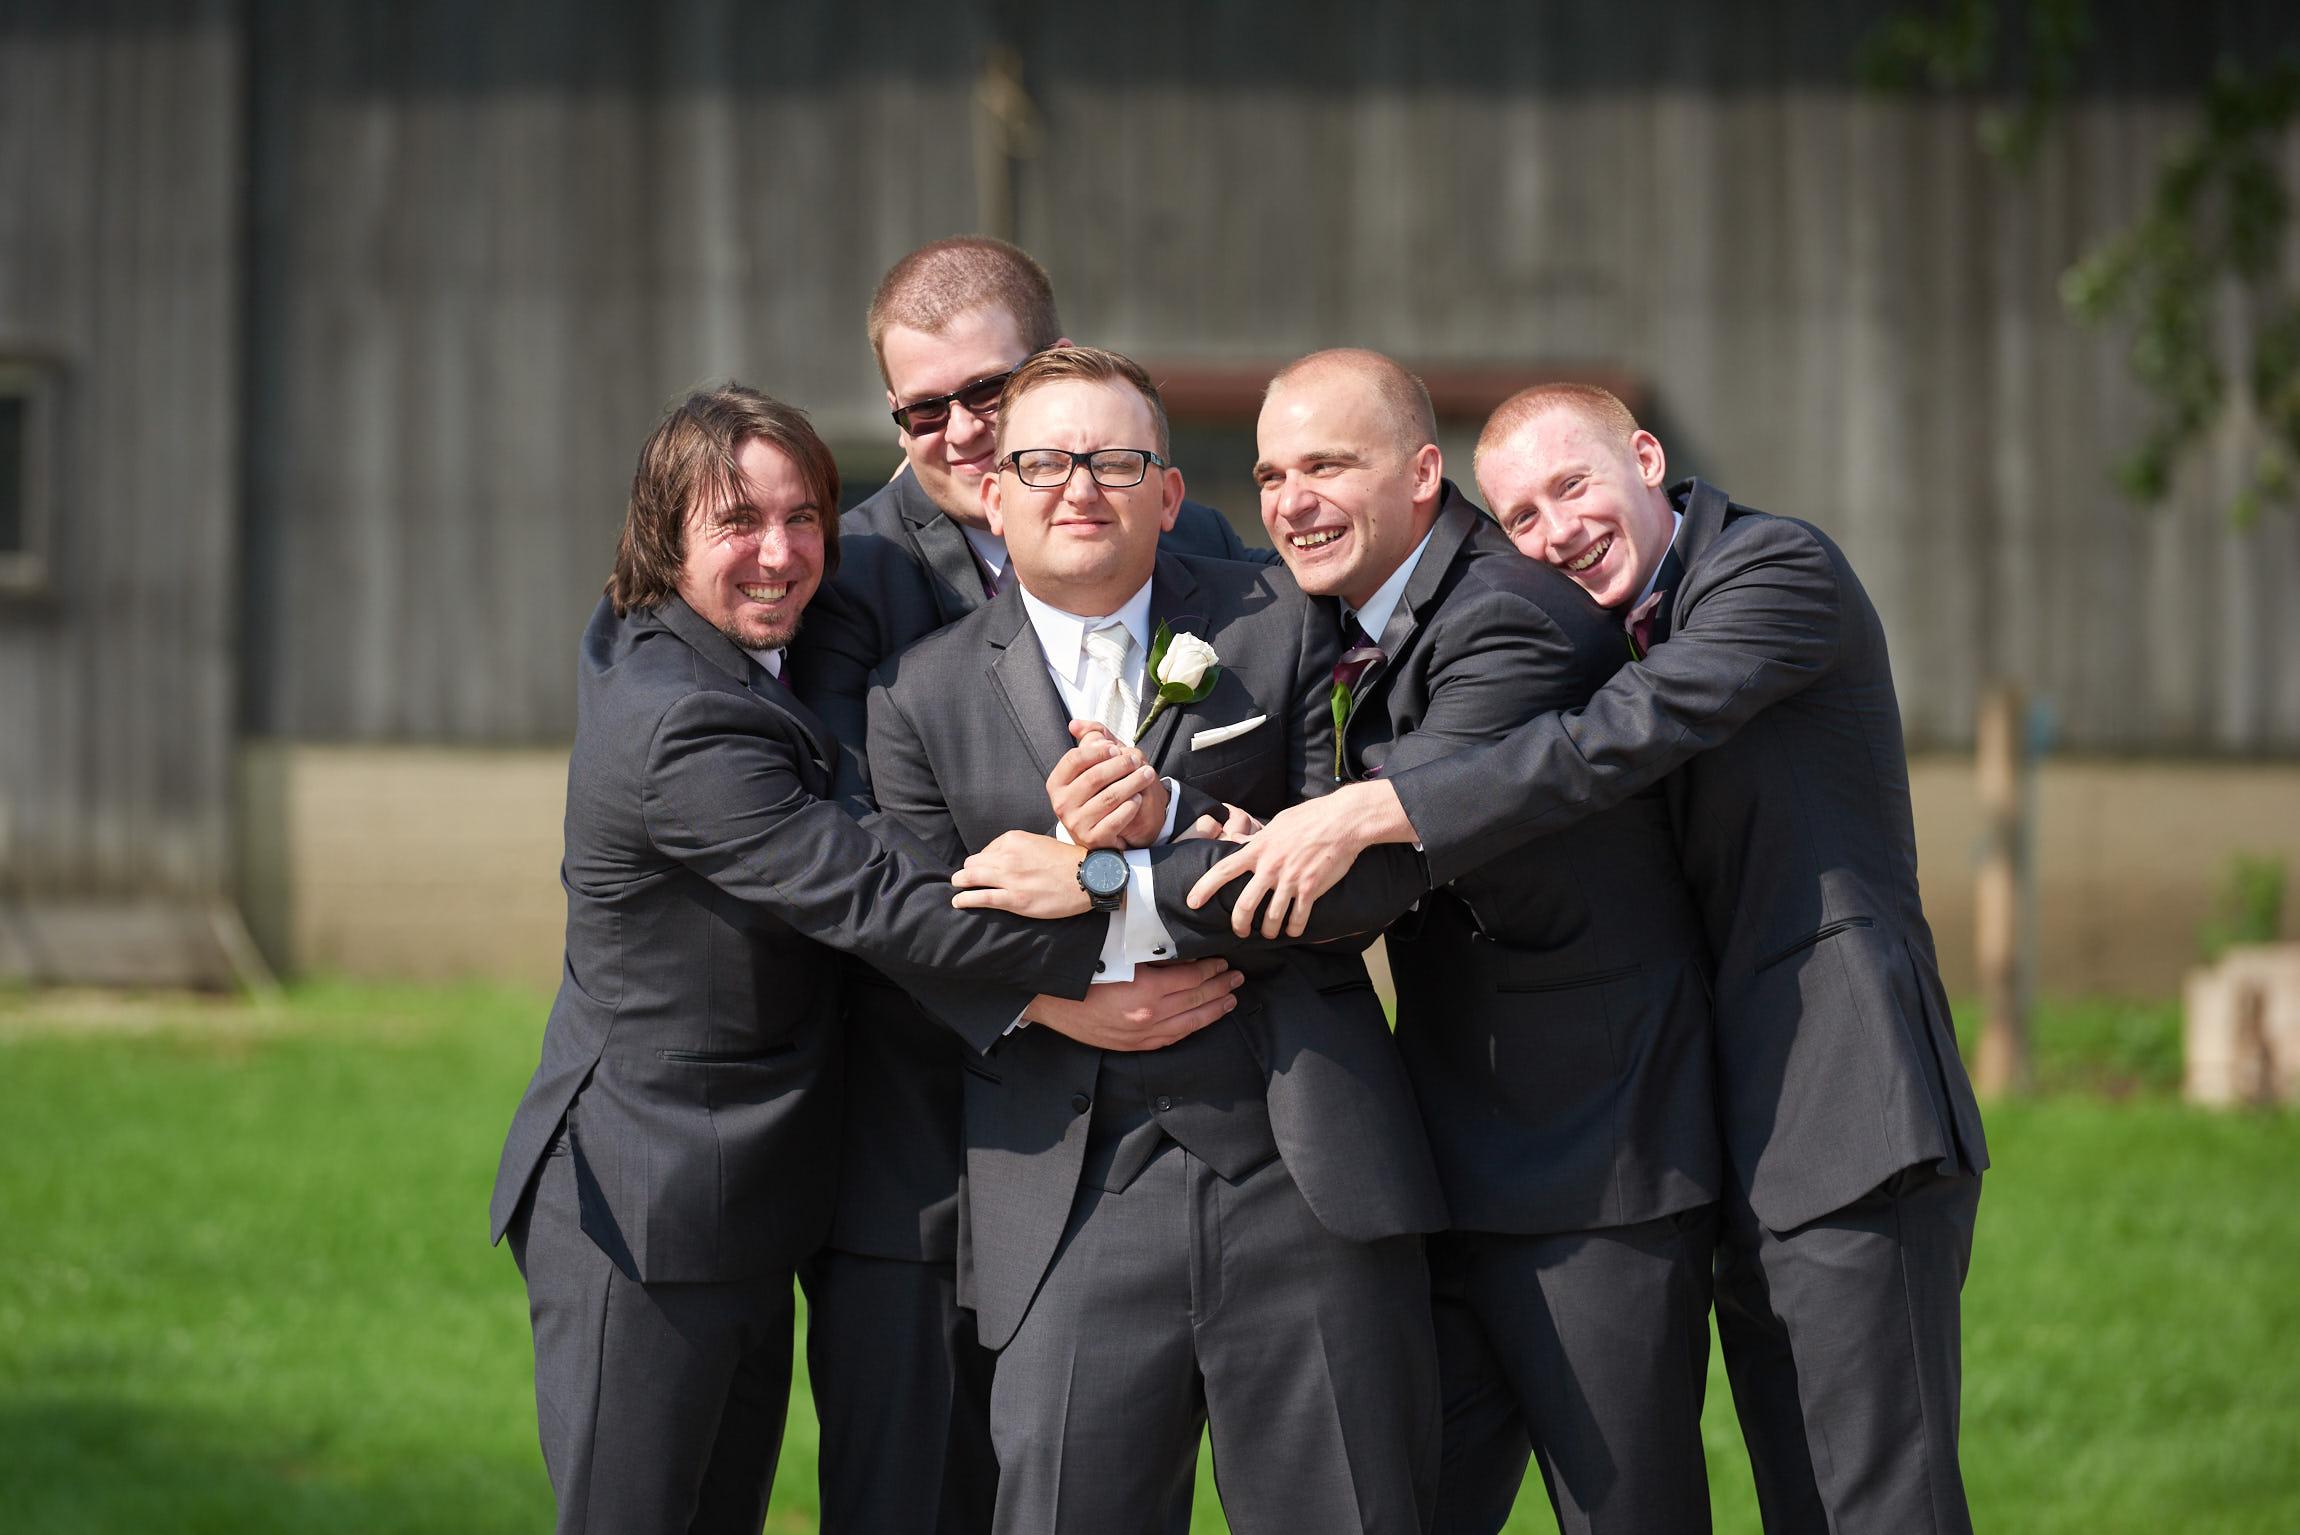 Groomsmen all hugging the groom